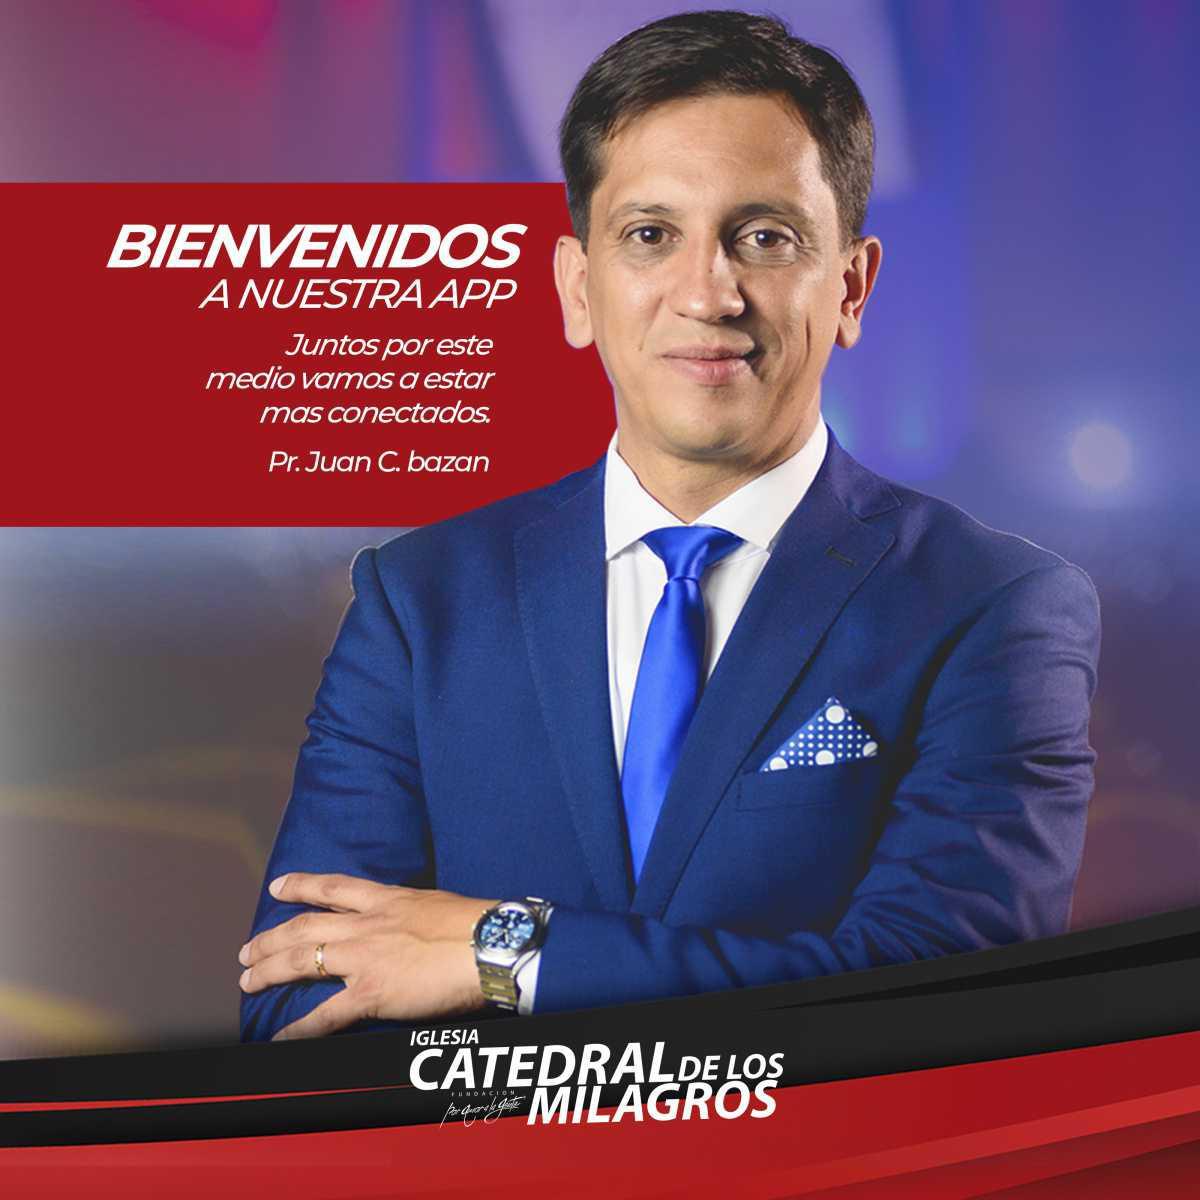 Juan Carlos Bazan